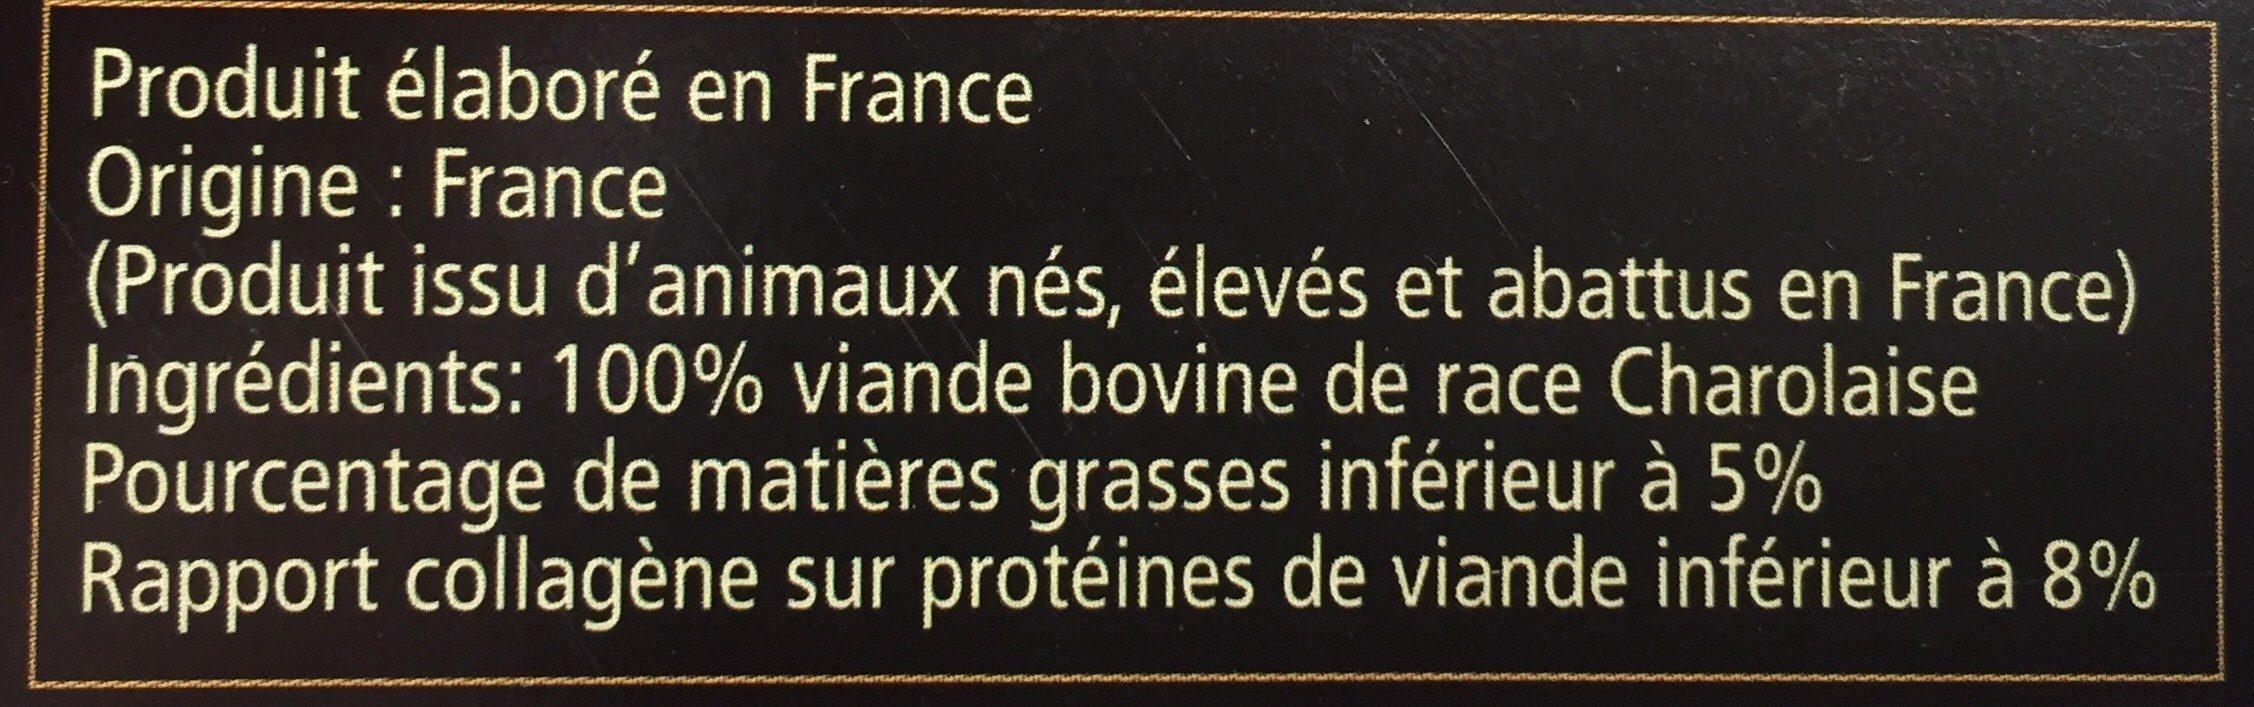 Fondant De Charolais - Ingredients - fr